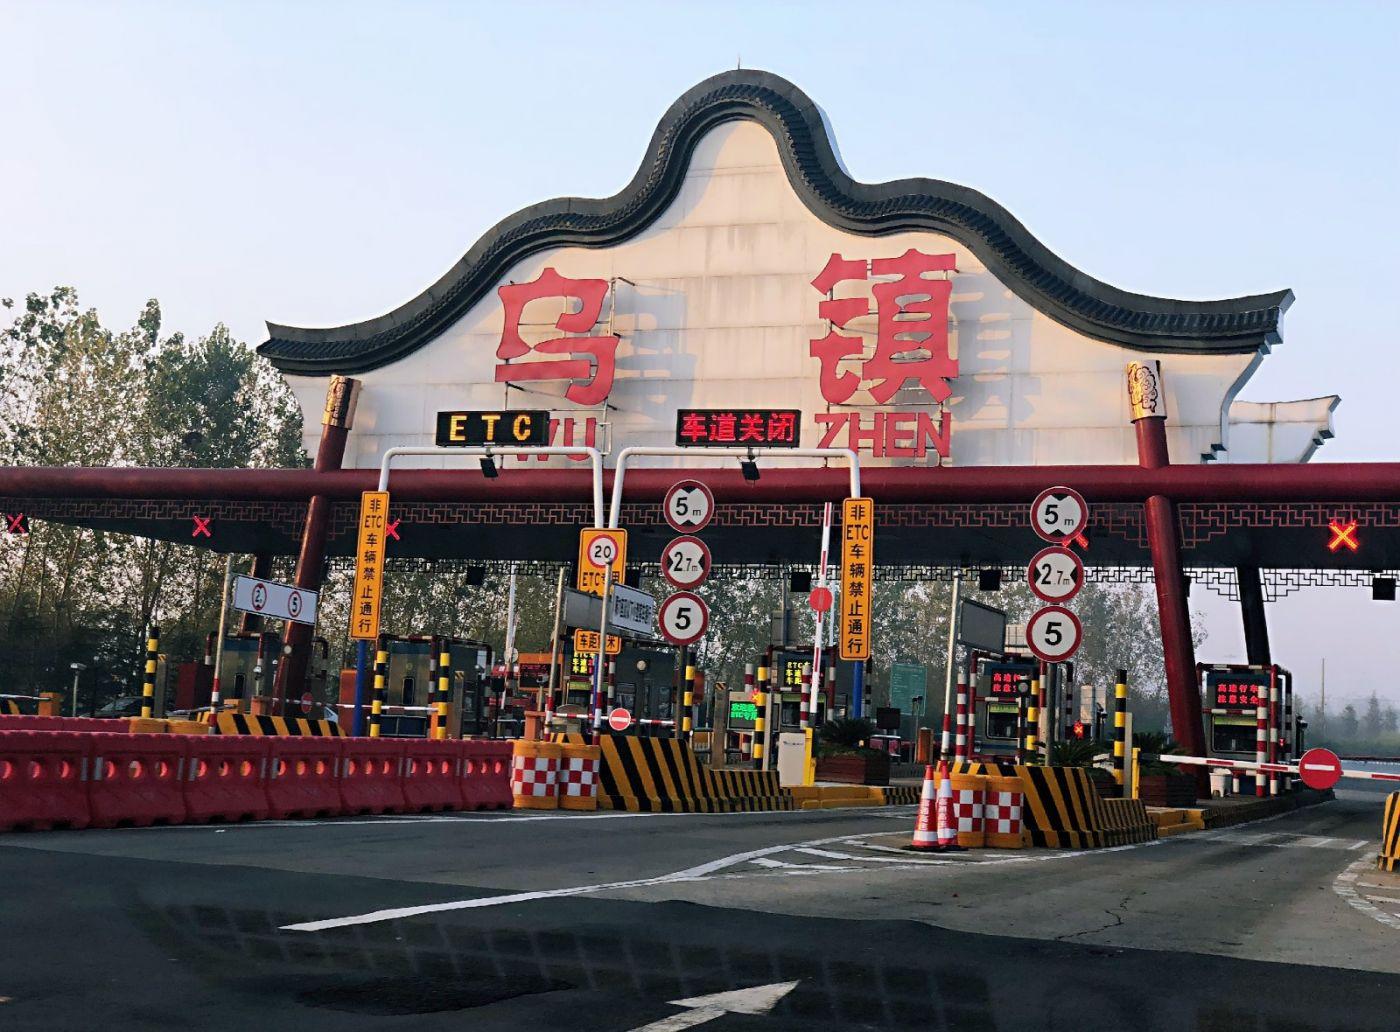 【田螺随拍】乌镇水乡-手机版_图1-30